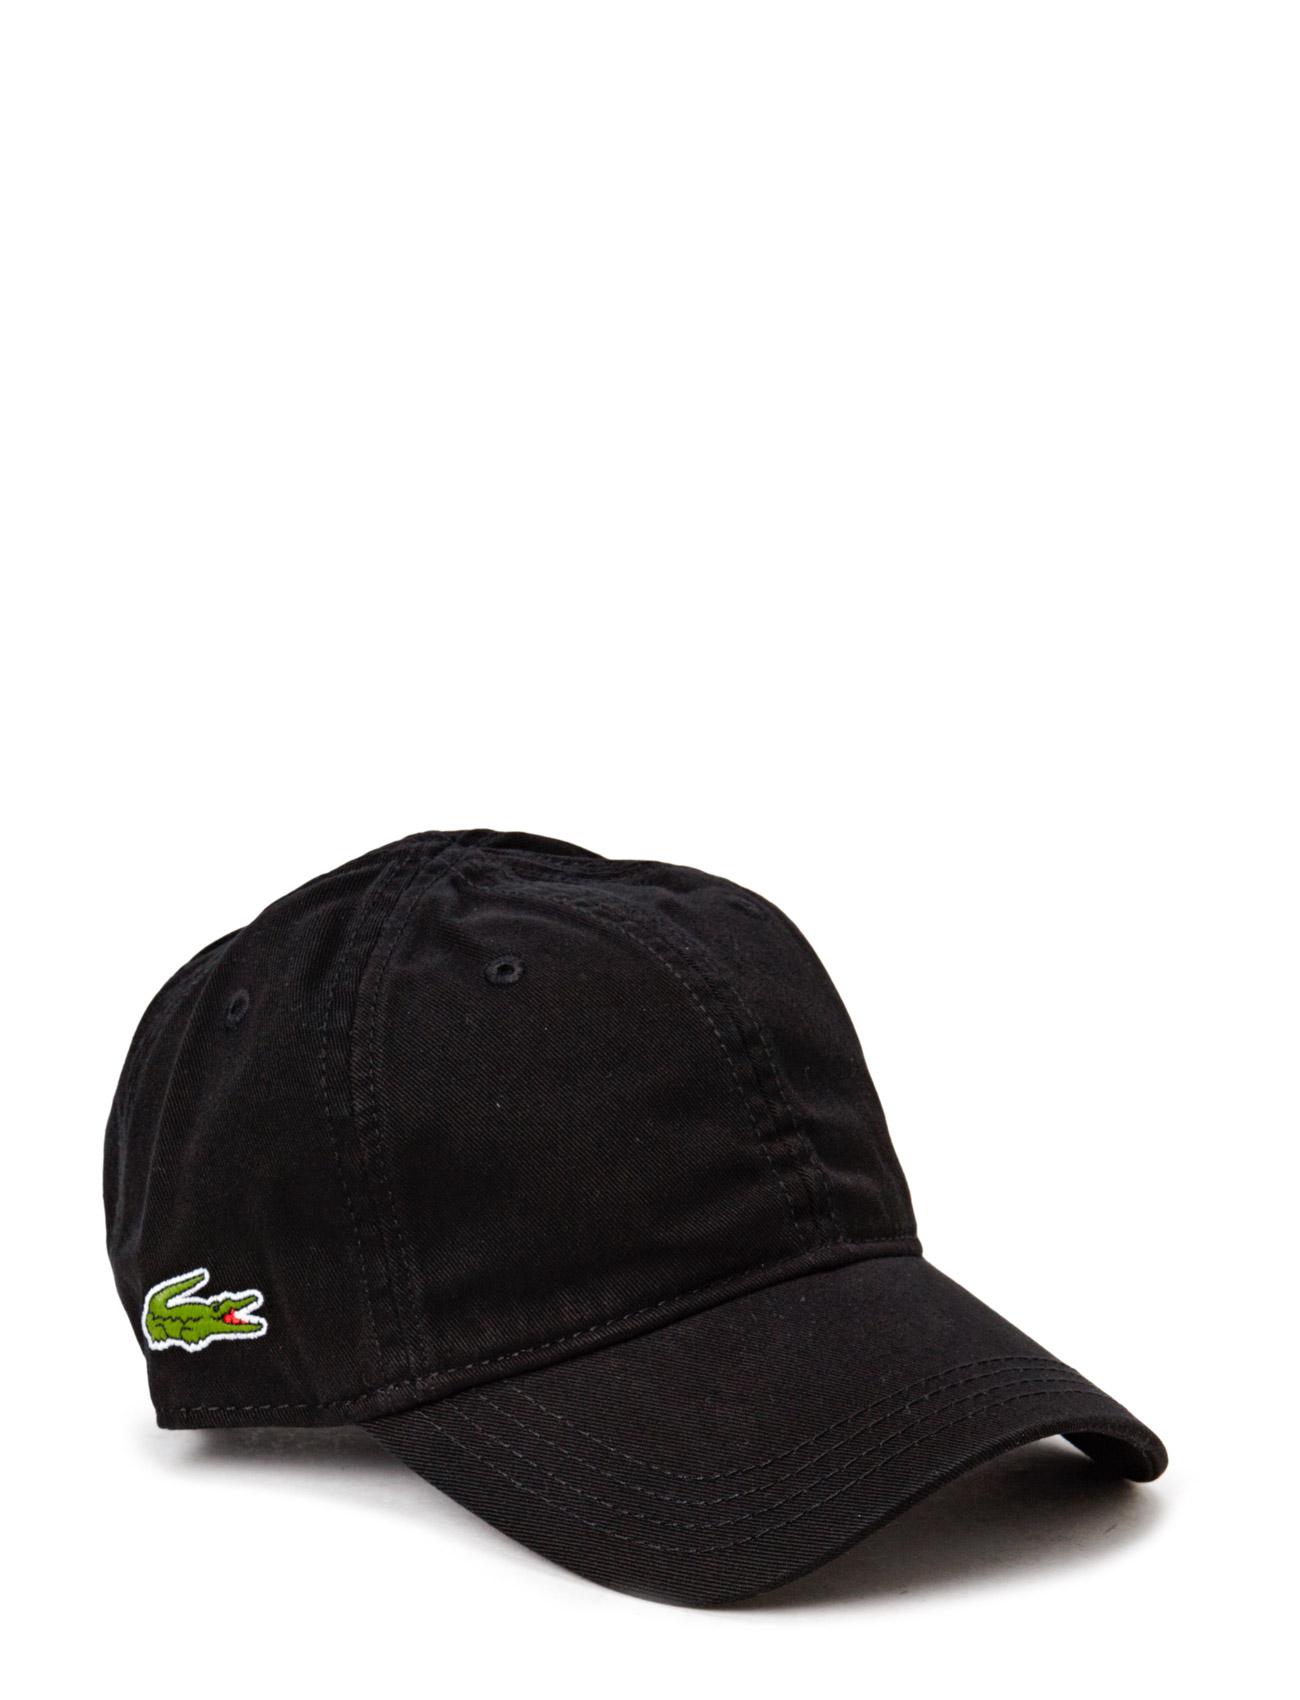 Caps And Hats Lacoste Hatte & Caps til Herrer i Sort